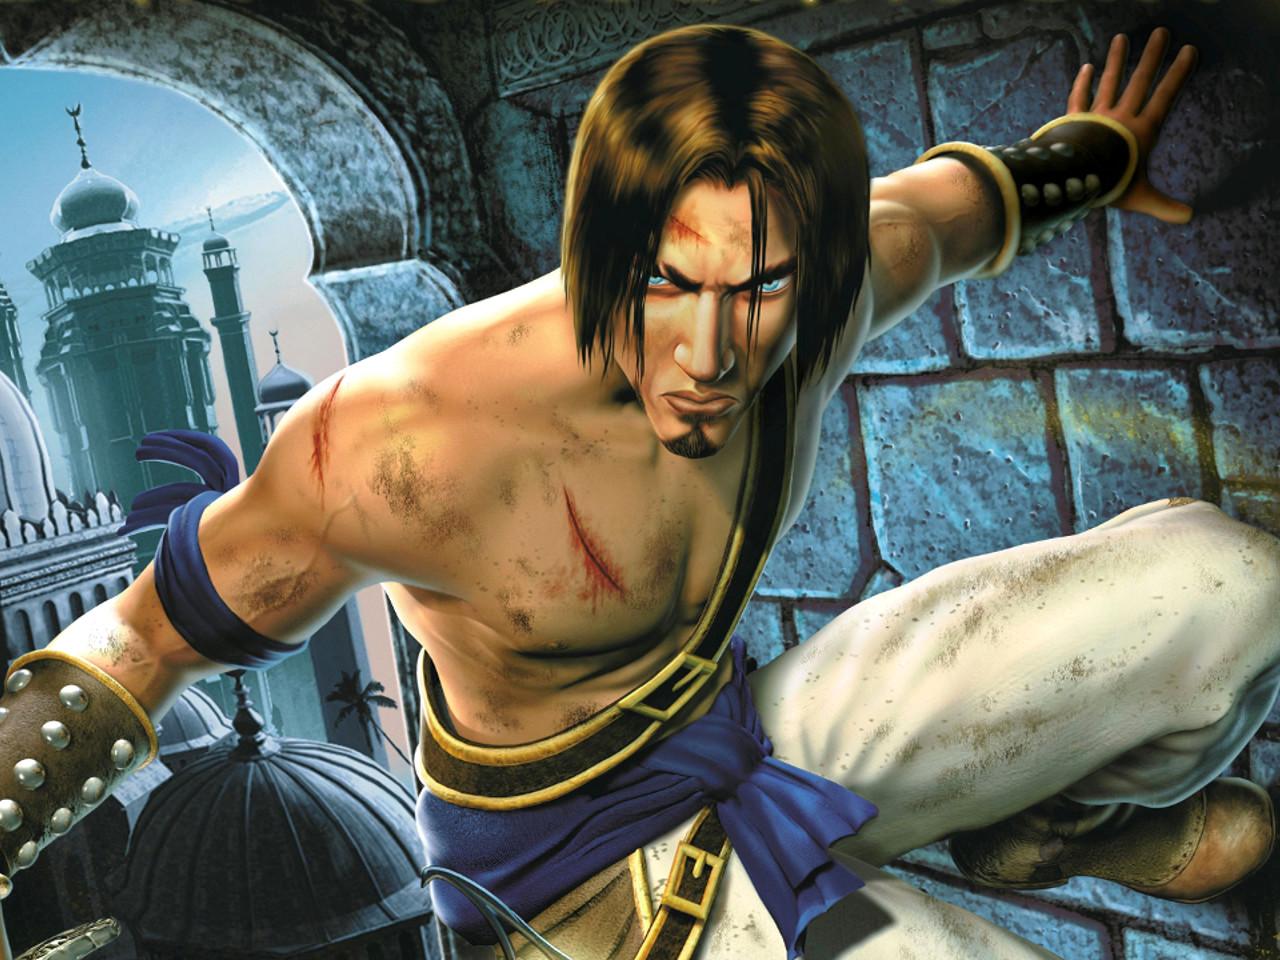 Prince of Persia: The Sands of Time von Jordan Mechner wurde im Oktober 2003 veröffentlicht. (Bild: Michaela Rücker)